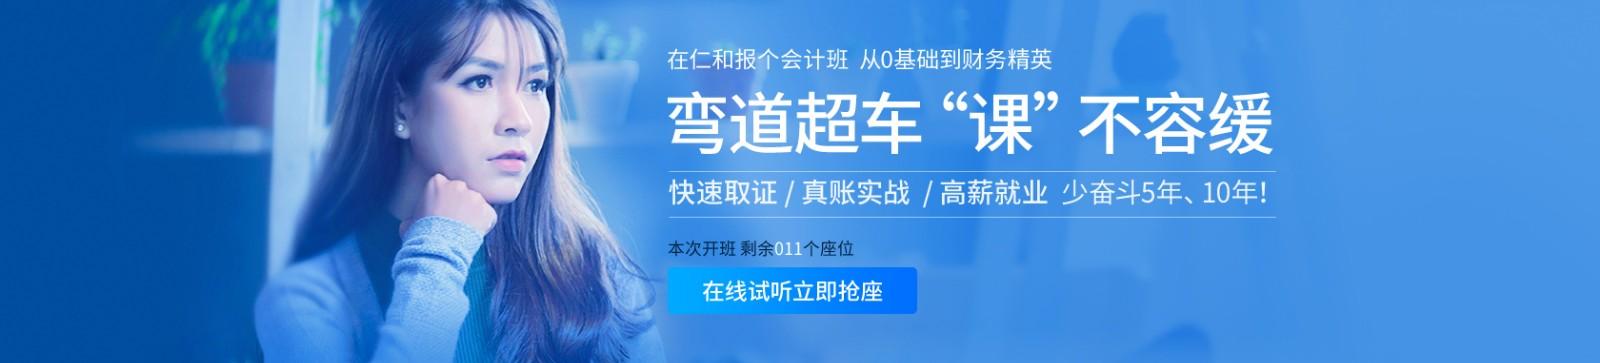 萍乡仁和会计betway体育app学校 横幅广告